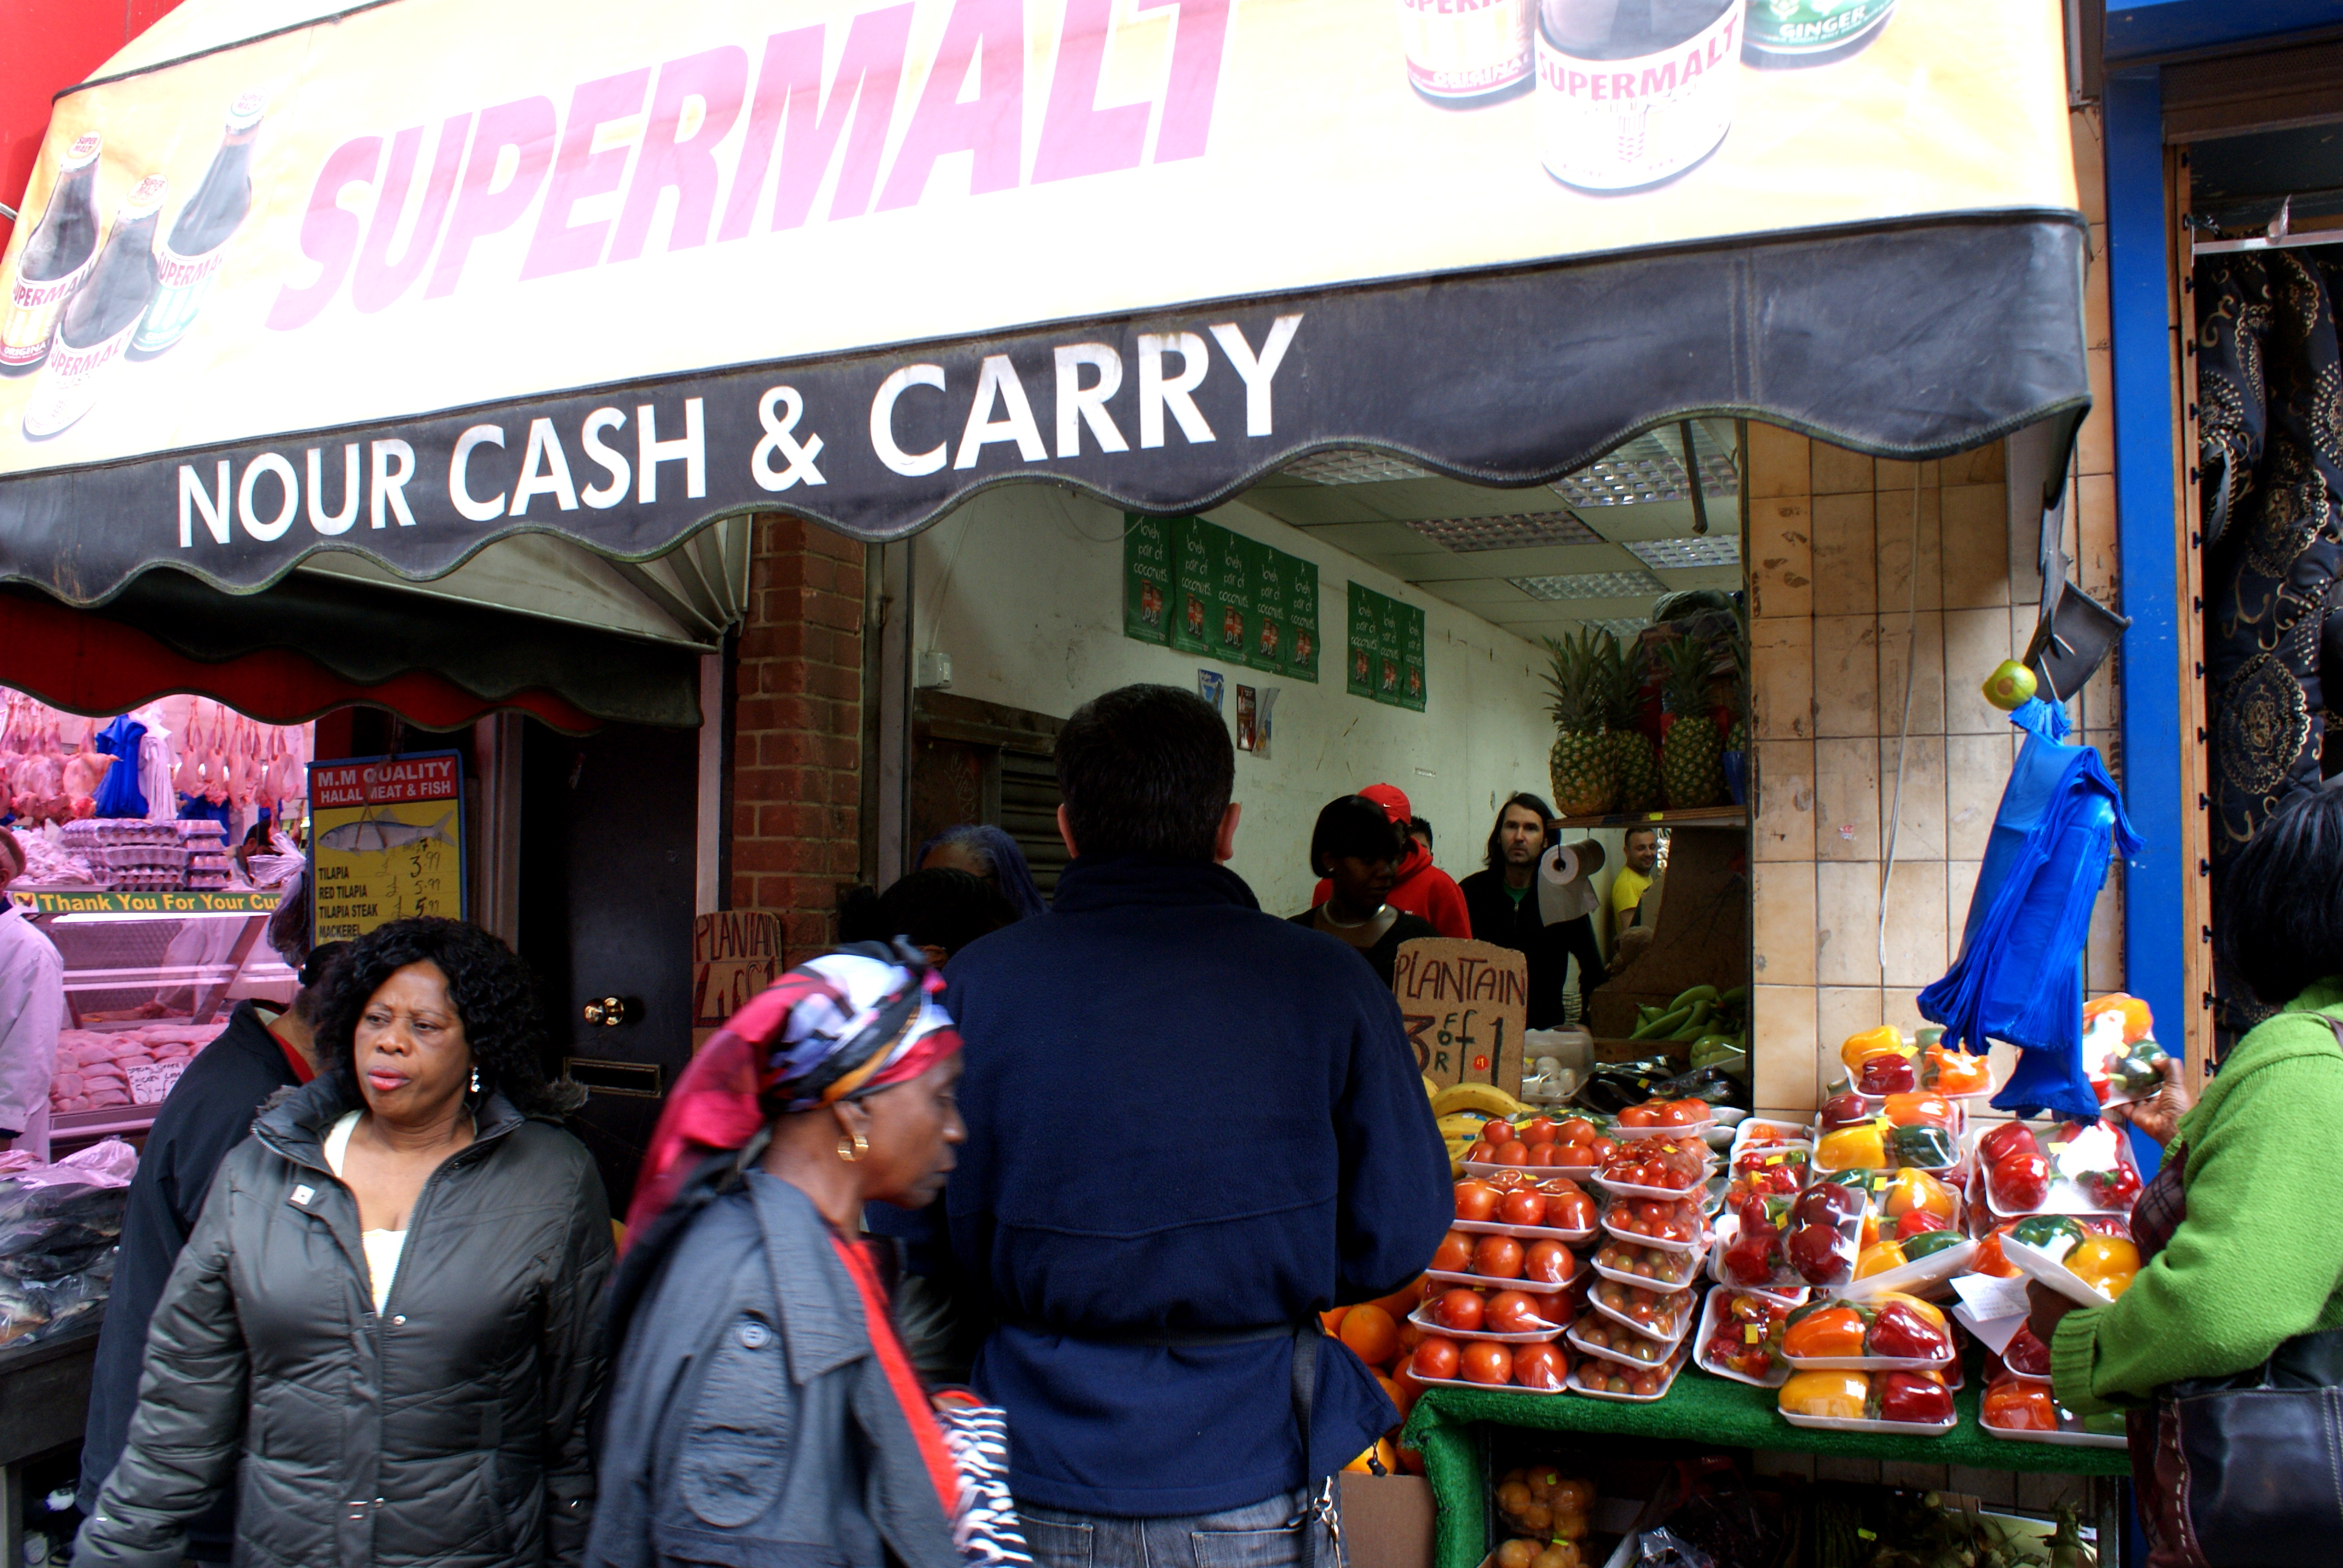 Nour Cash and Carry Brixton